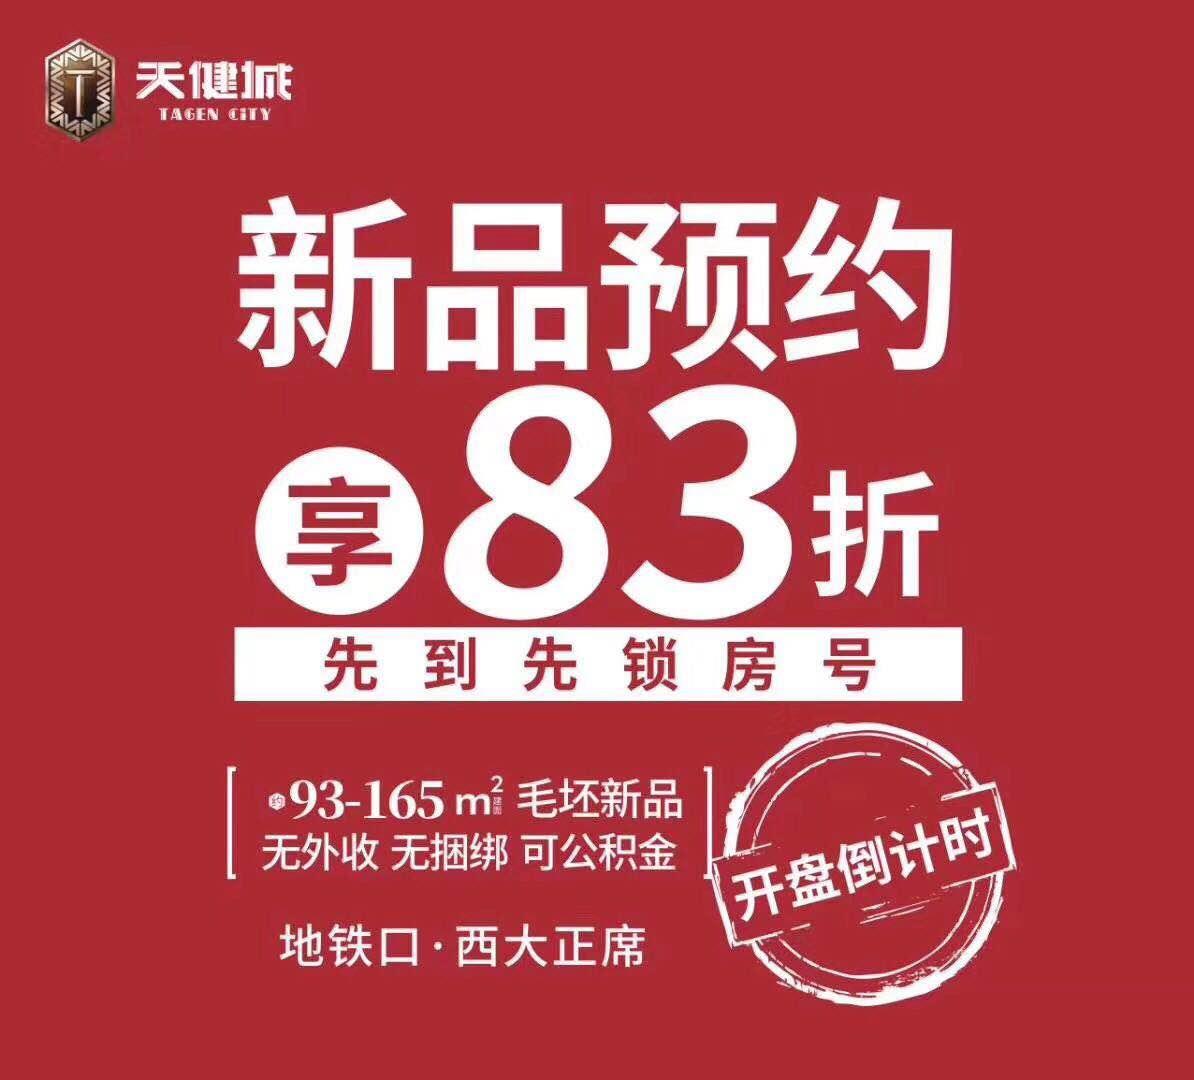 【天健城】新品加推现在预约享83折,可公积金贷款,无捆绑,无外收。